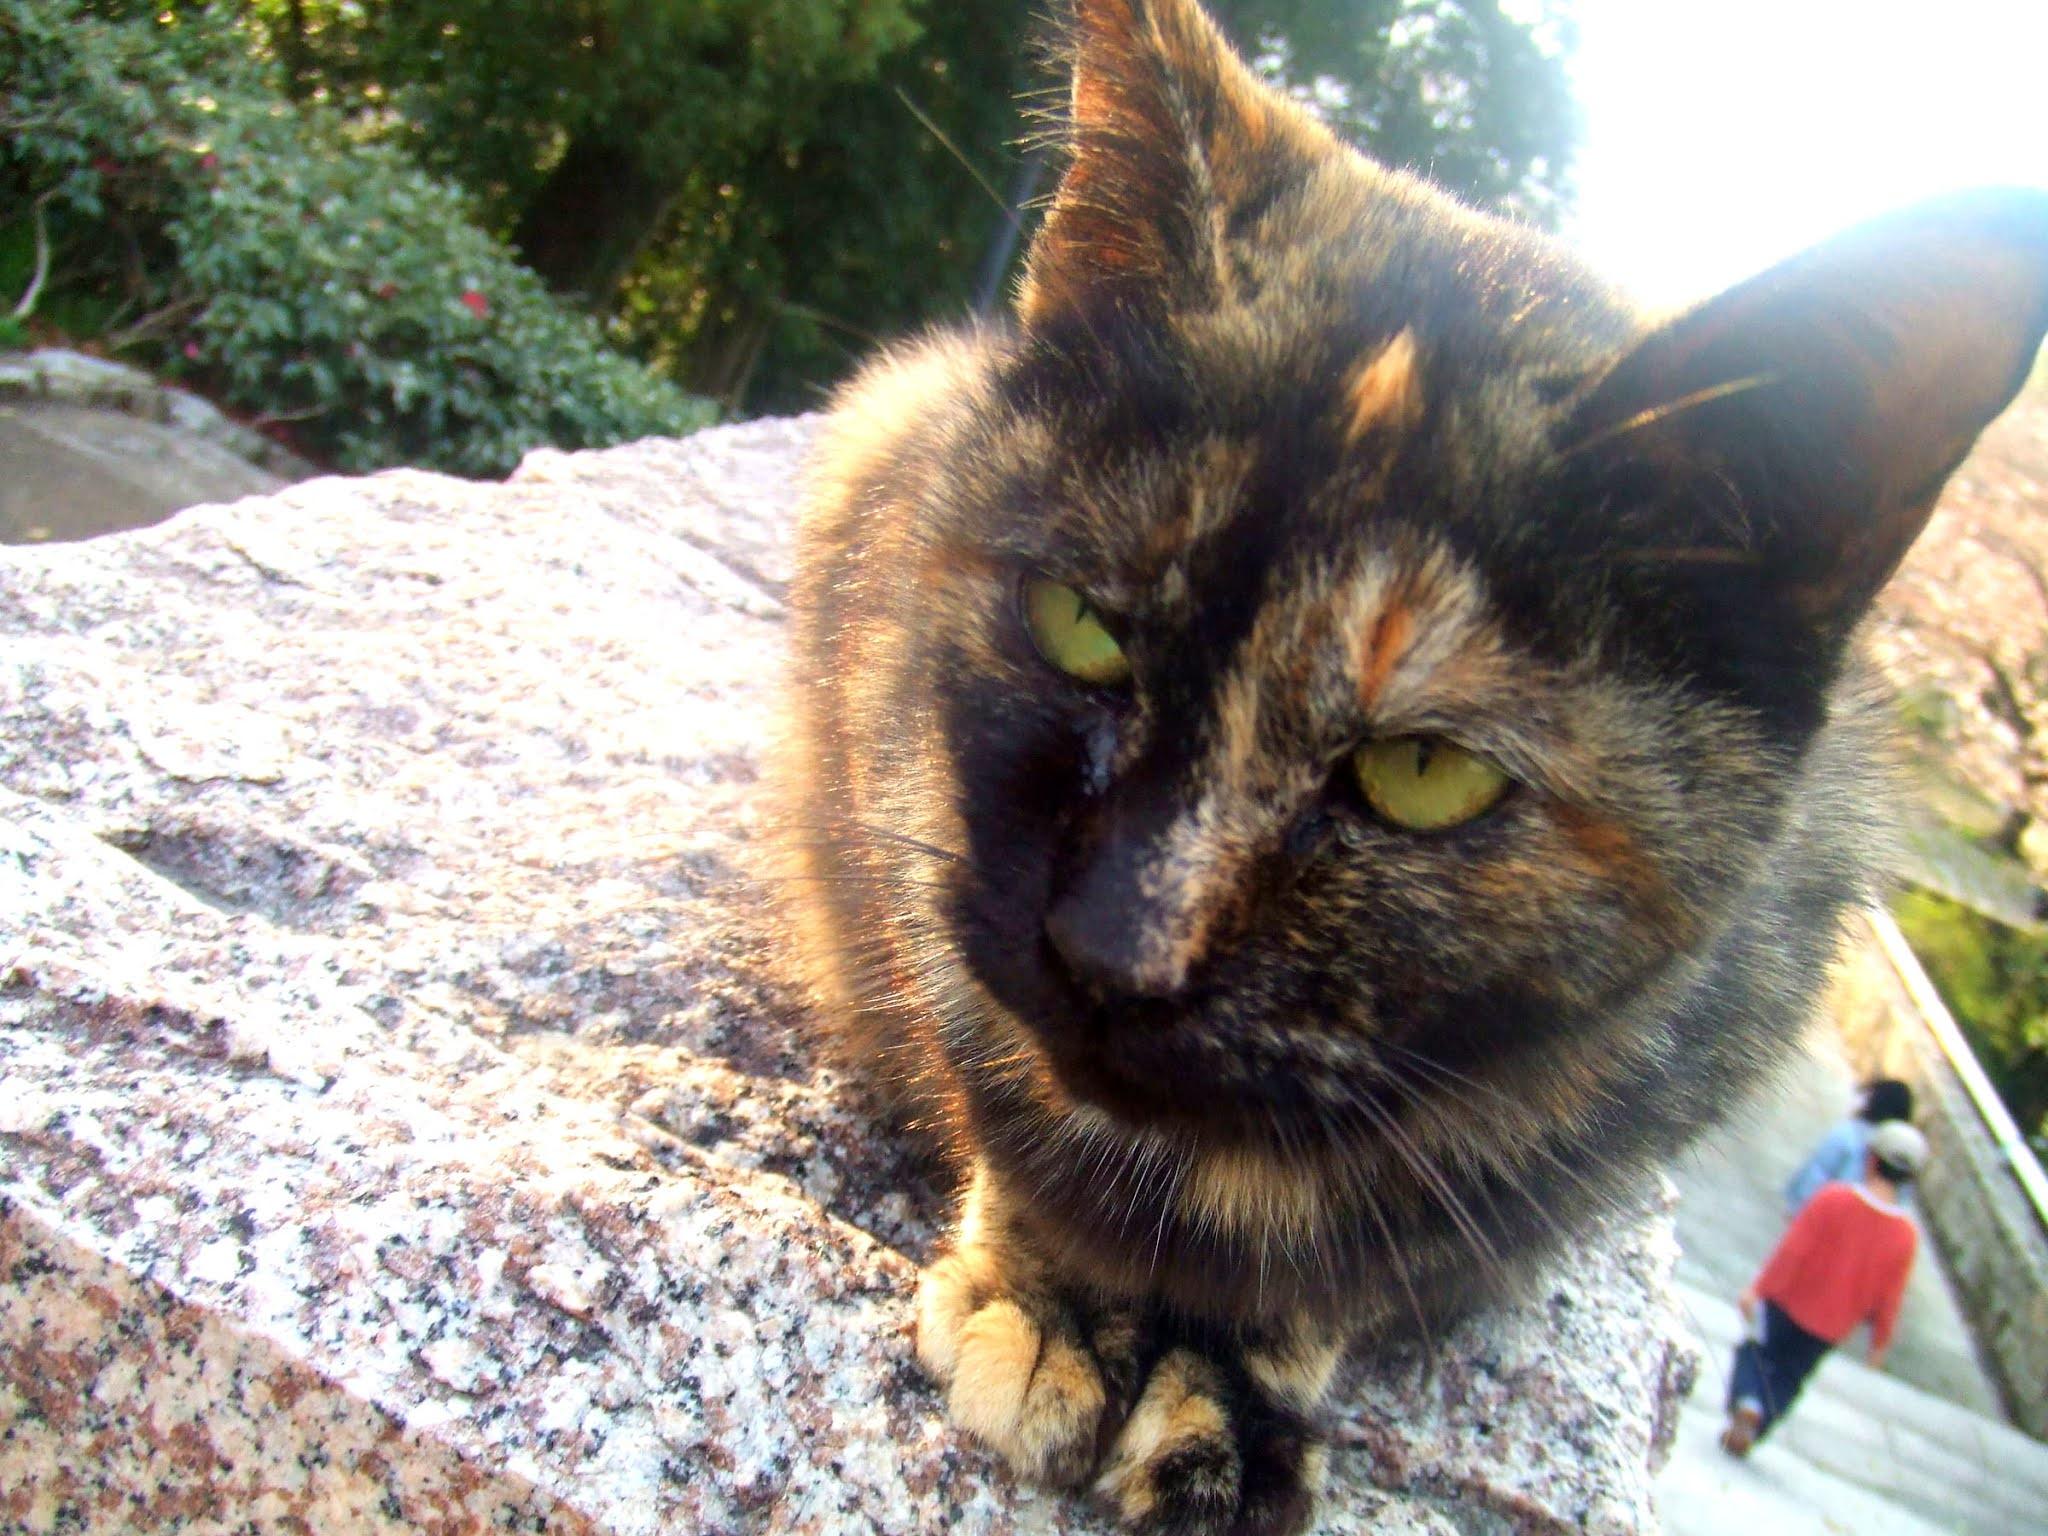 猫さんの全体の写真です。サビ猫さんの、真正面からの堂々たる雰囲気。猫ブログなどにどうでしょう。